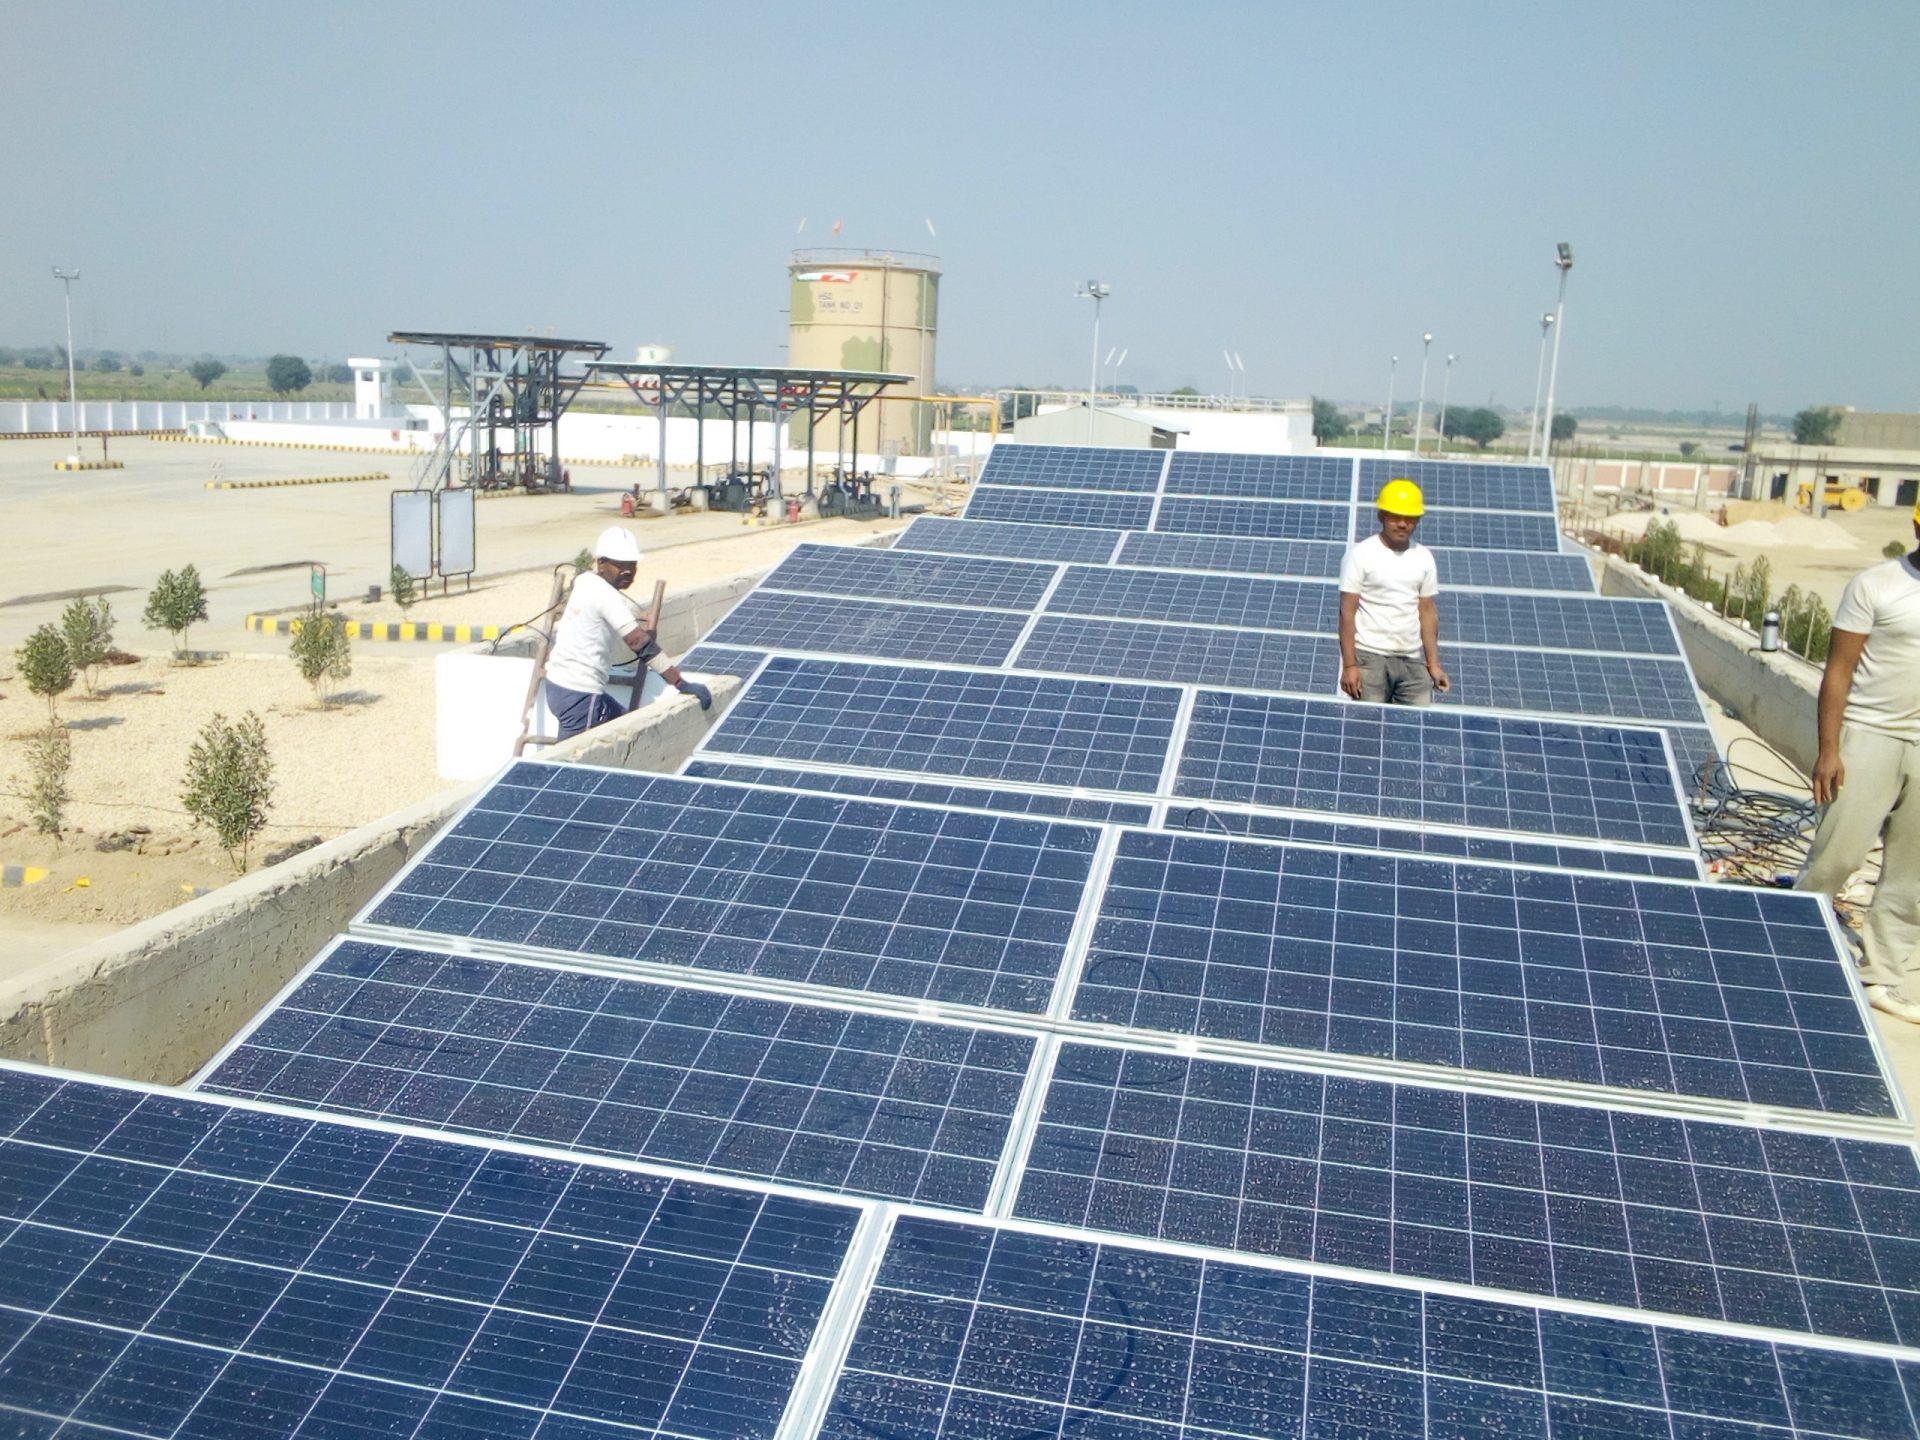 Solarenergie in Indien